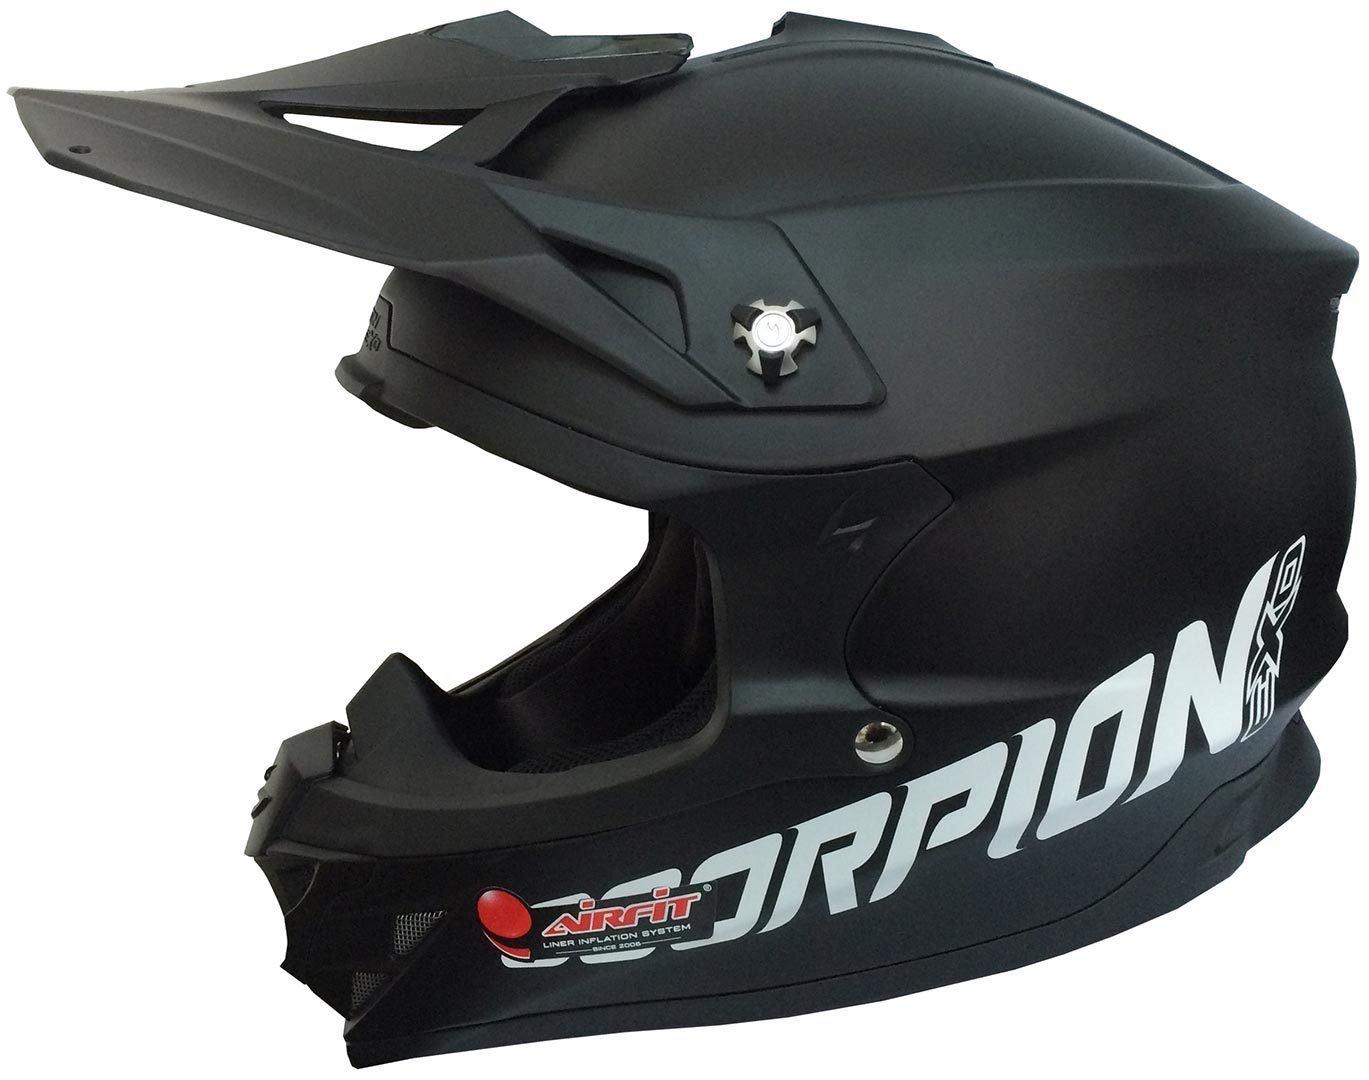 Scorpion 35-100-03-XXL Vx-15 Evo Air Solid Erwachsener Motorradhelm Schwarz Gr/ö/ße XX-Gro/ß